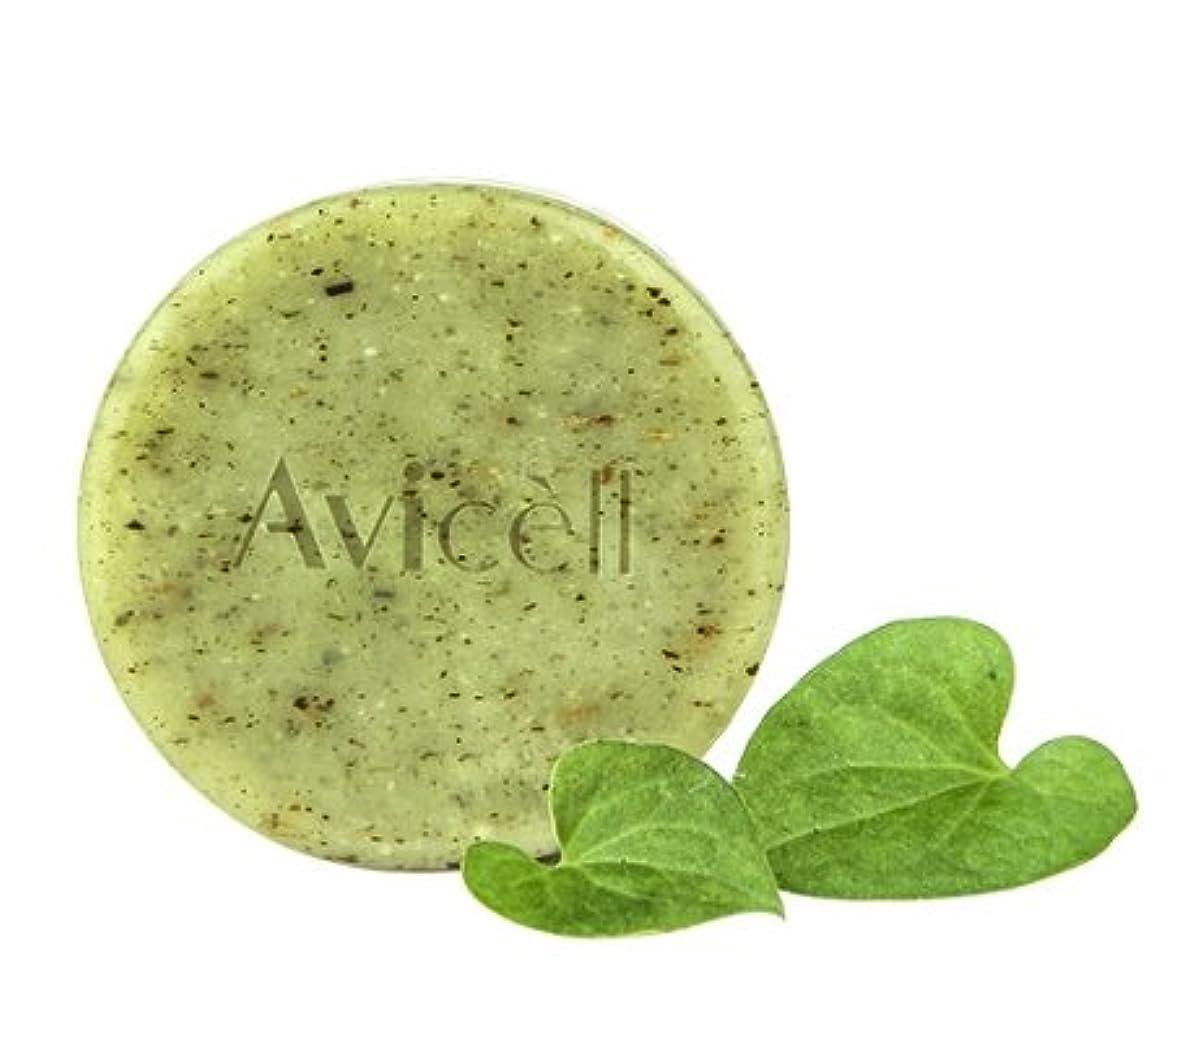 説明要旨封建Avicell Pure Original Soap